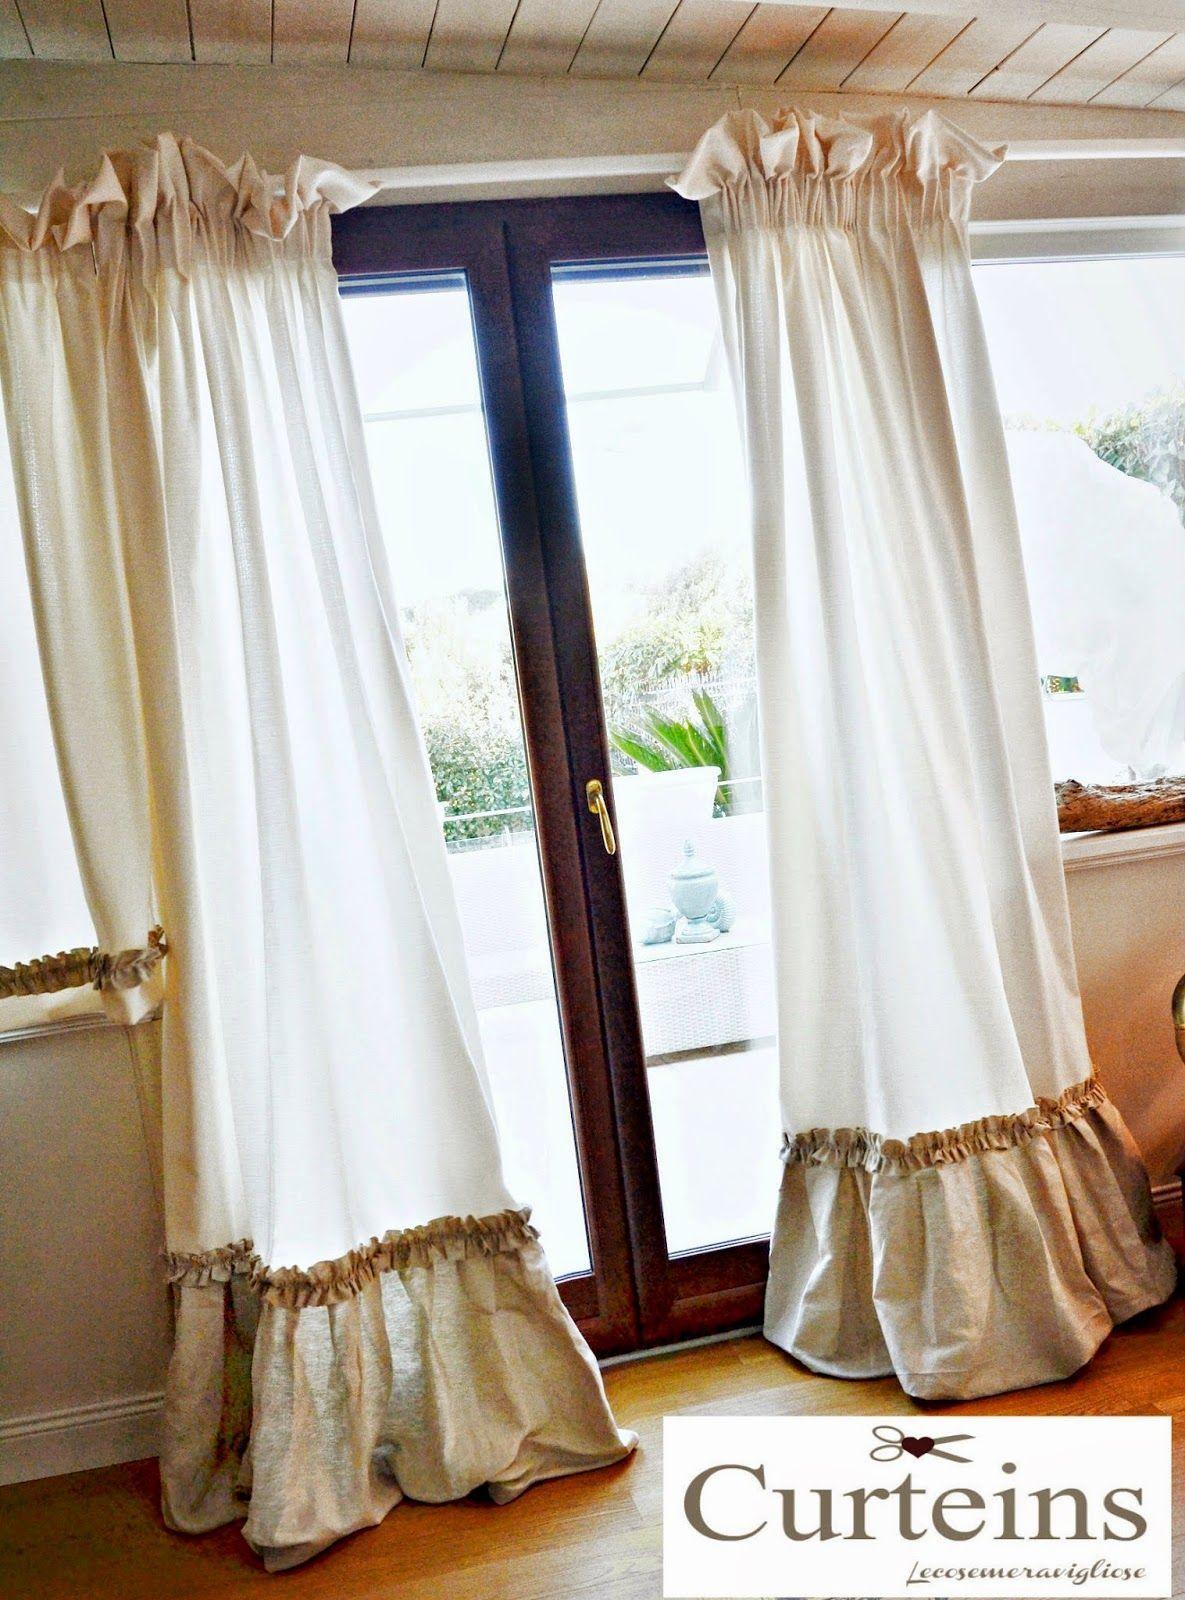 Blog su arredamento shabby e country chic interiors design ...